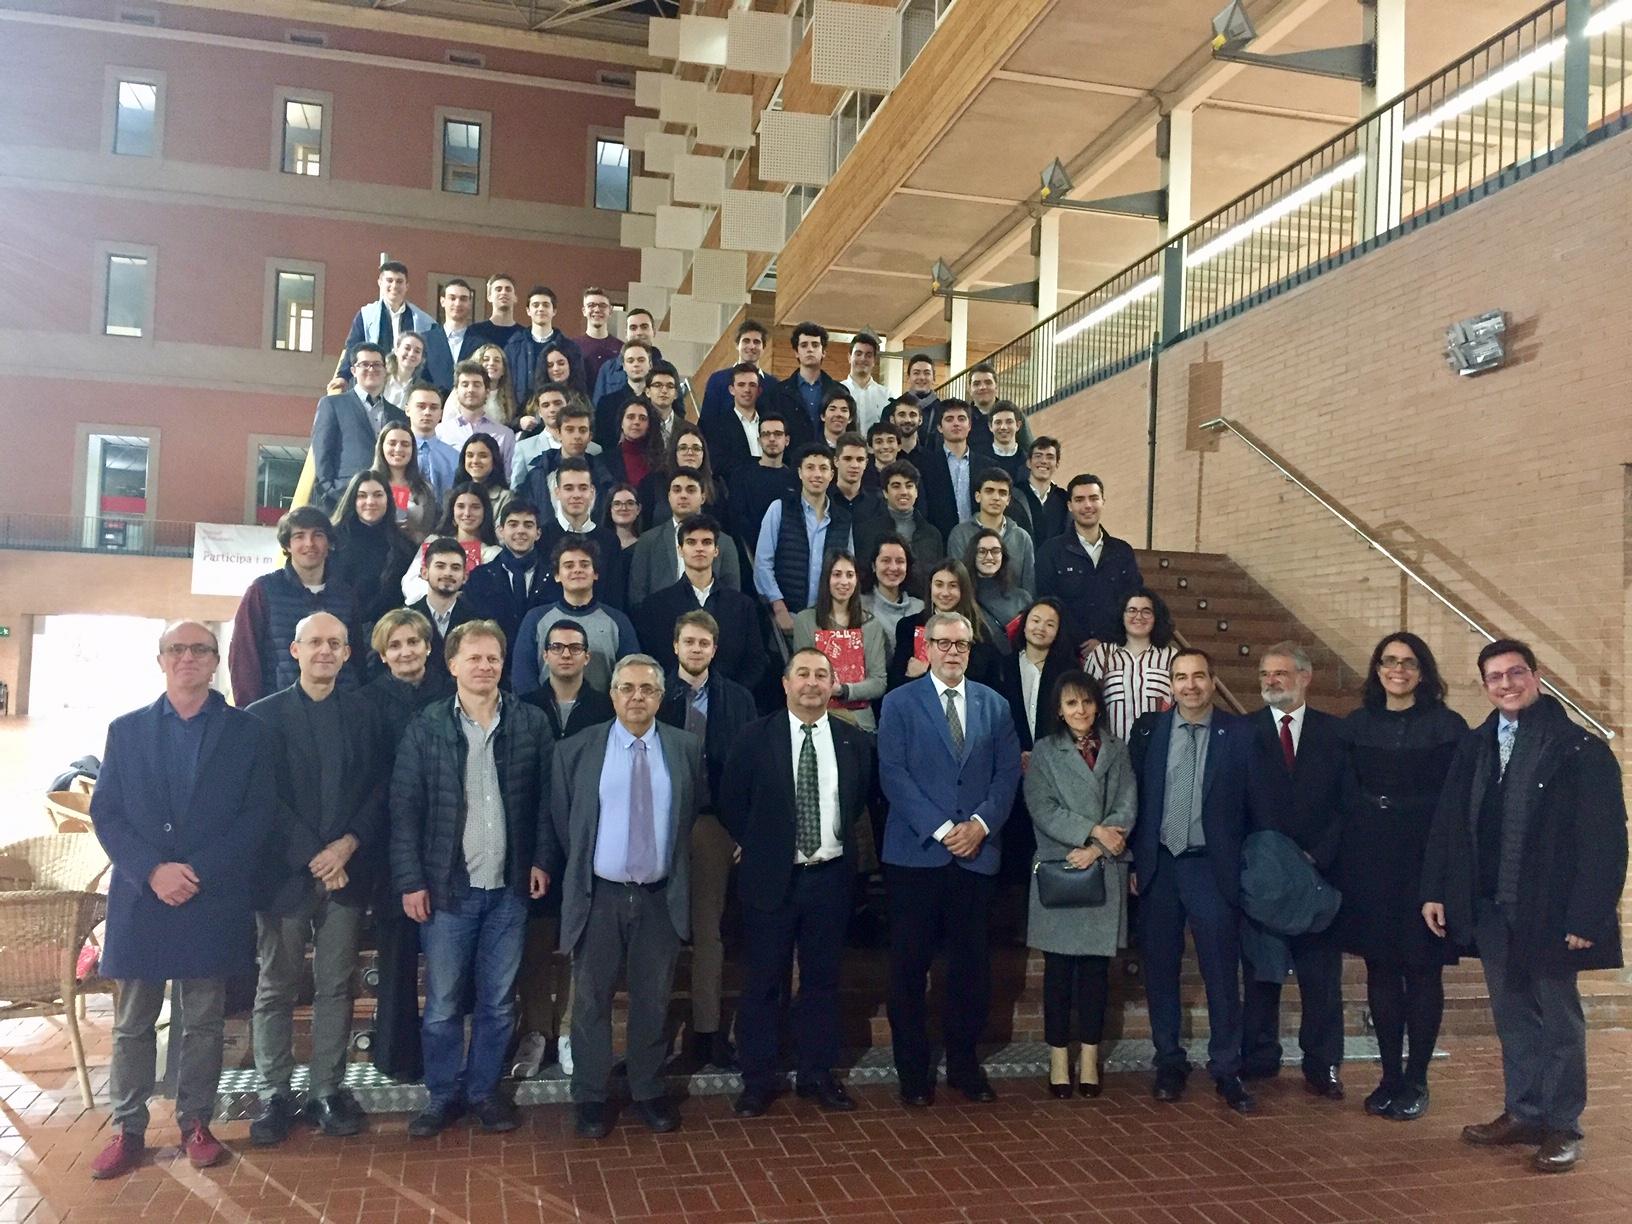 Benvinguda al Campus de la Ciutadella del grau en tecnologies industrials i anàlisi econòmica (UPF)